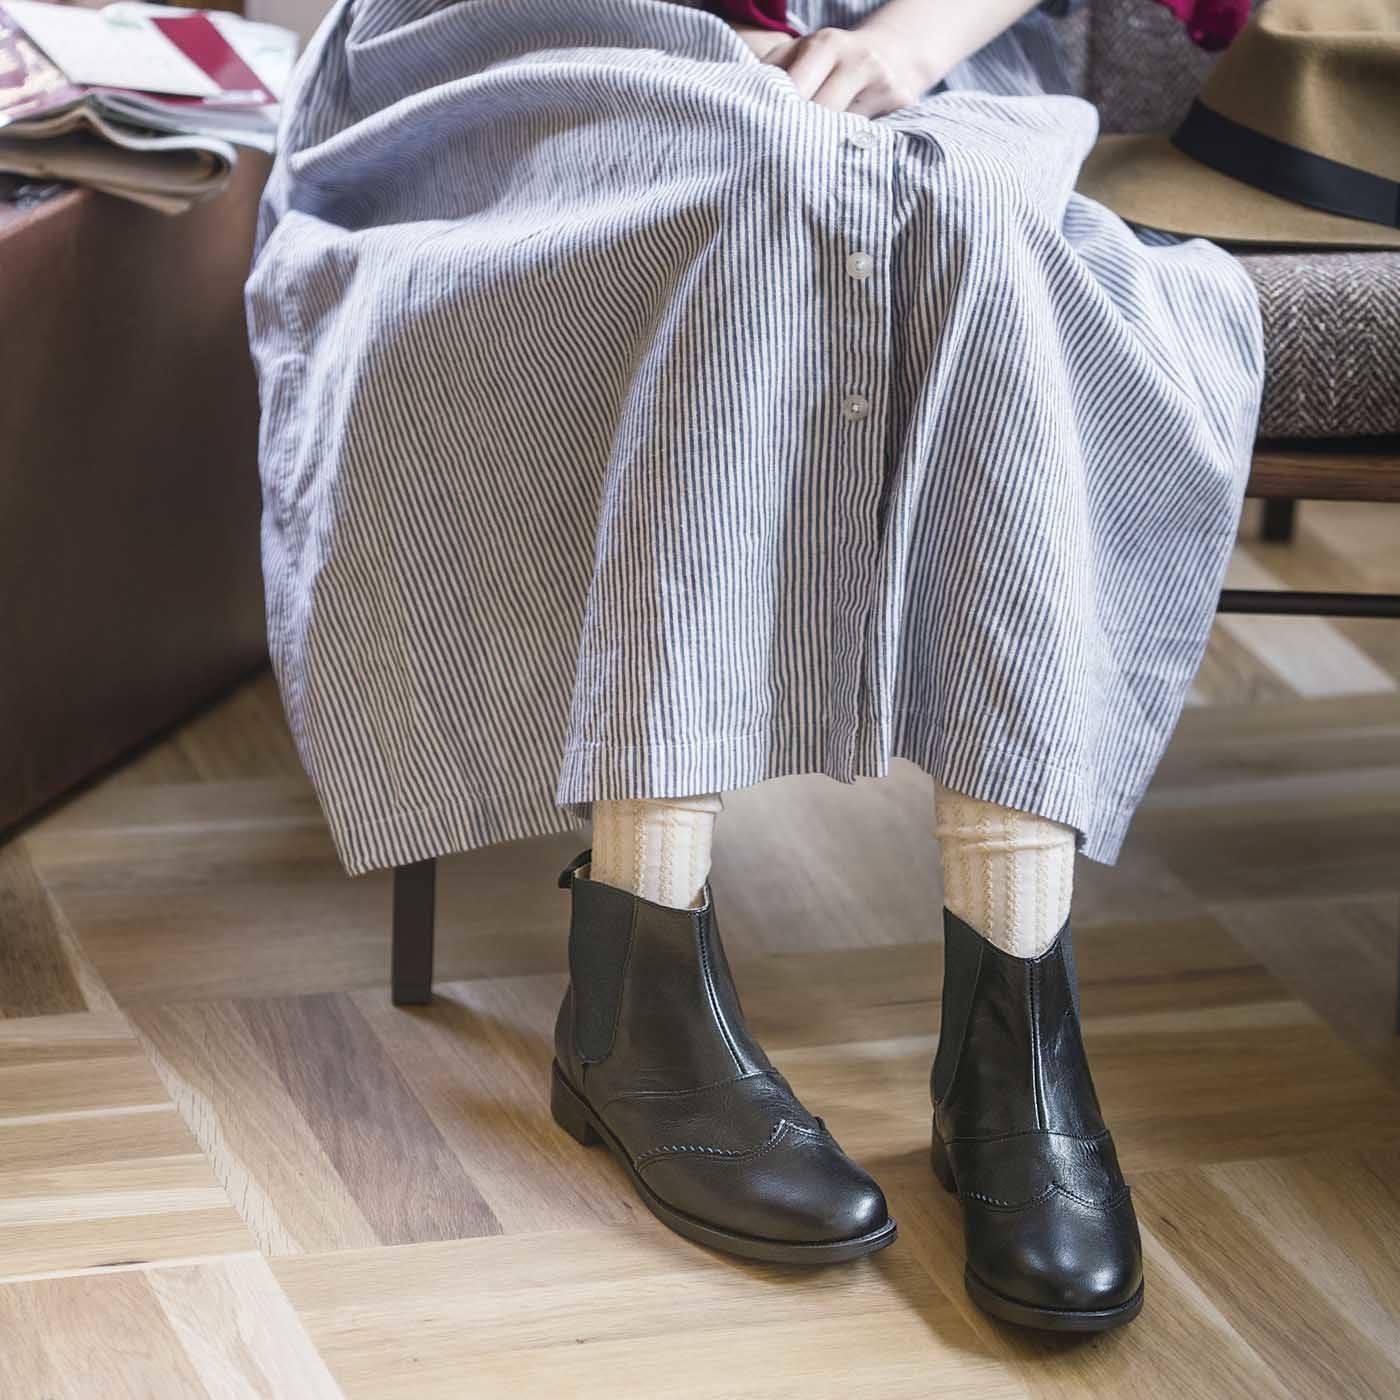 長田靴職人の本革仕立て 凛々しいサイドゴア レザーブーツ〈ブラック〉[本革 ブーツ:日本製]